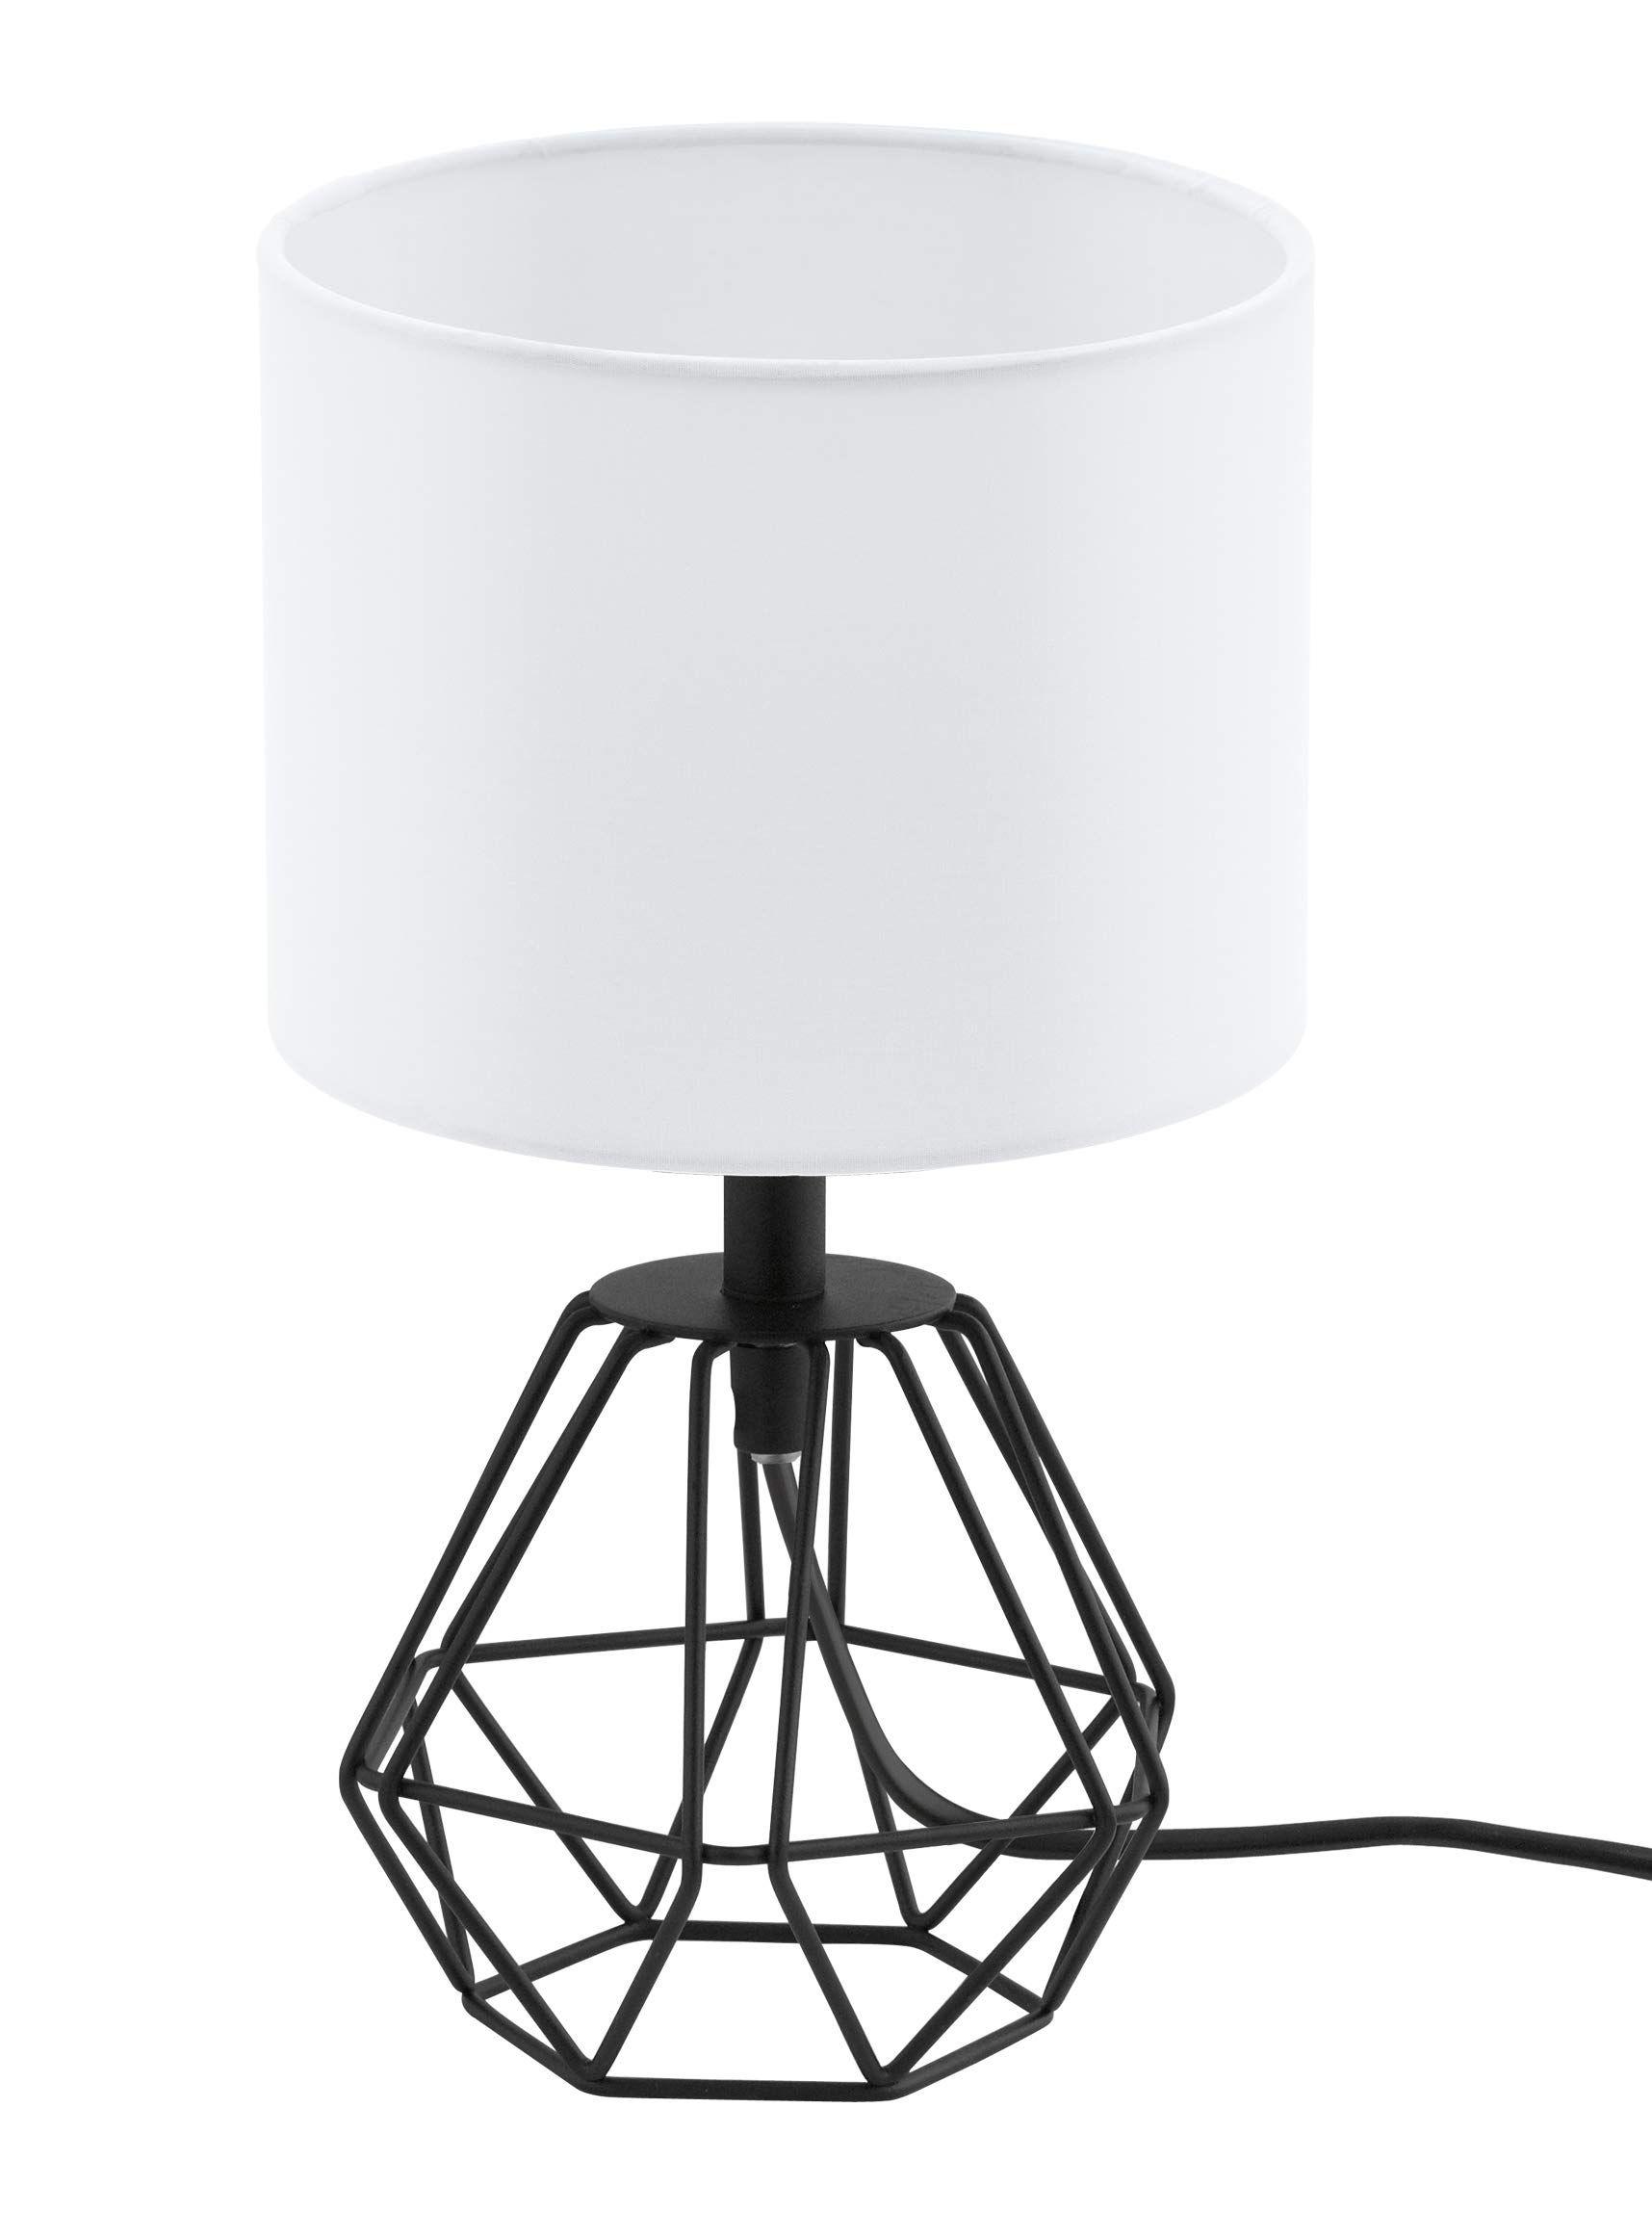 Eglo Tischlampe Carlton 2 1 Flammige Vintage Tischleuchte Hohe 30 5 Cm Nachttischlampe Aus Stahl Und Stoff Farbe Schwarz In 2020 Tischlampen Nachttischlampe Lampe